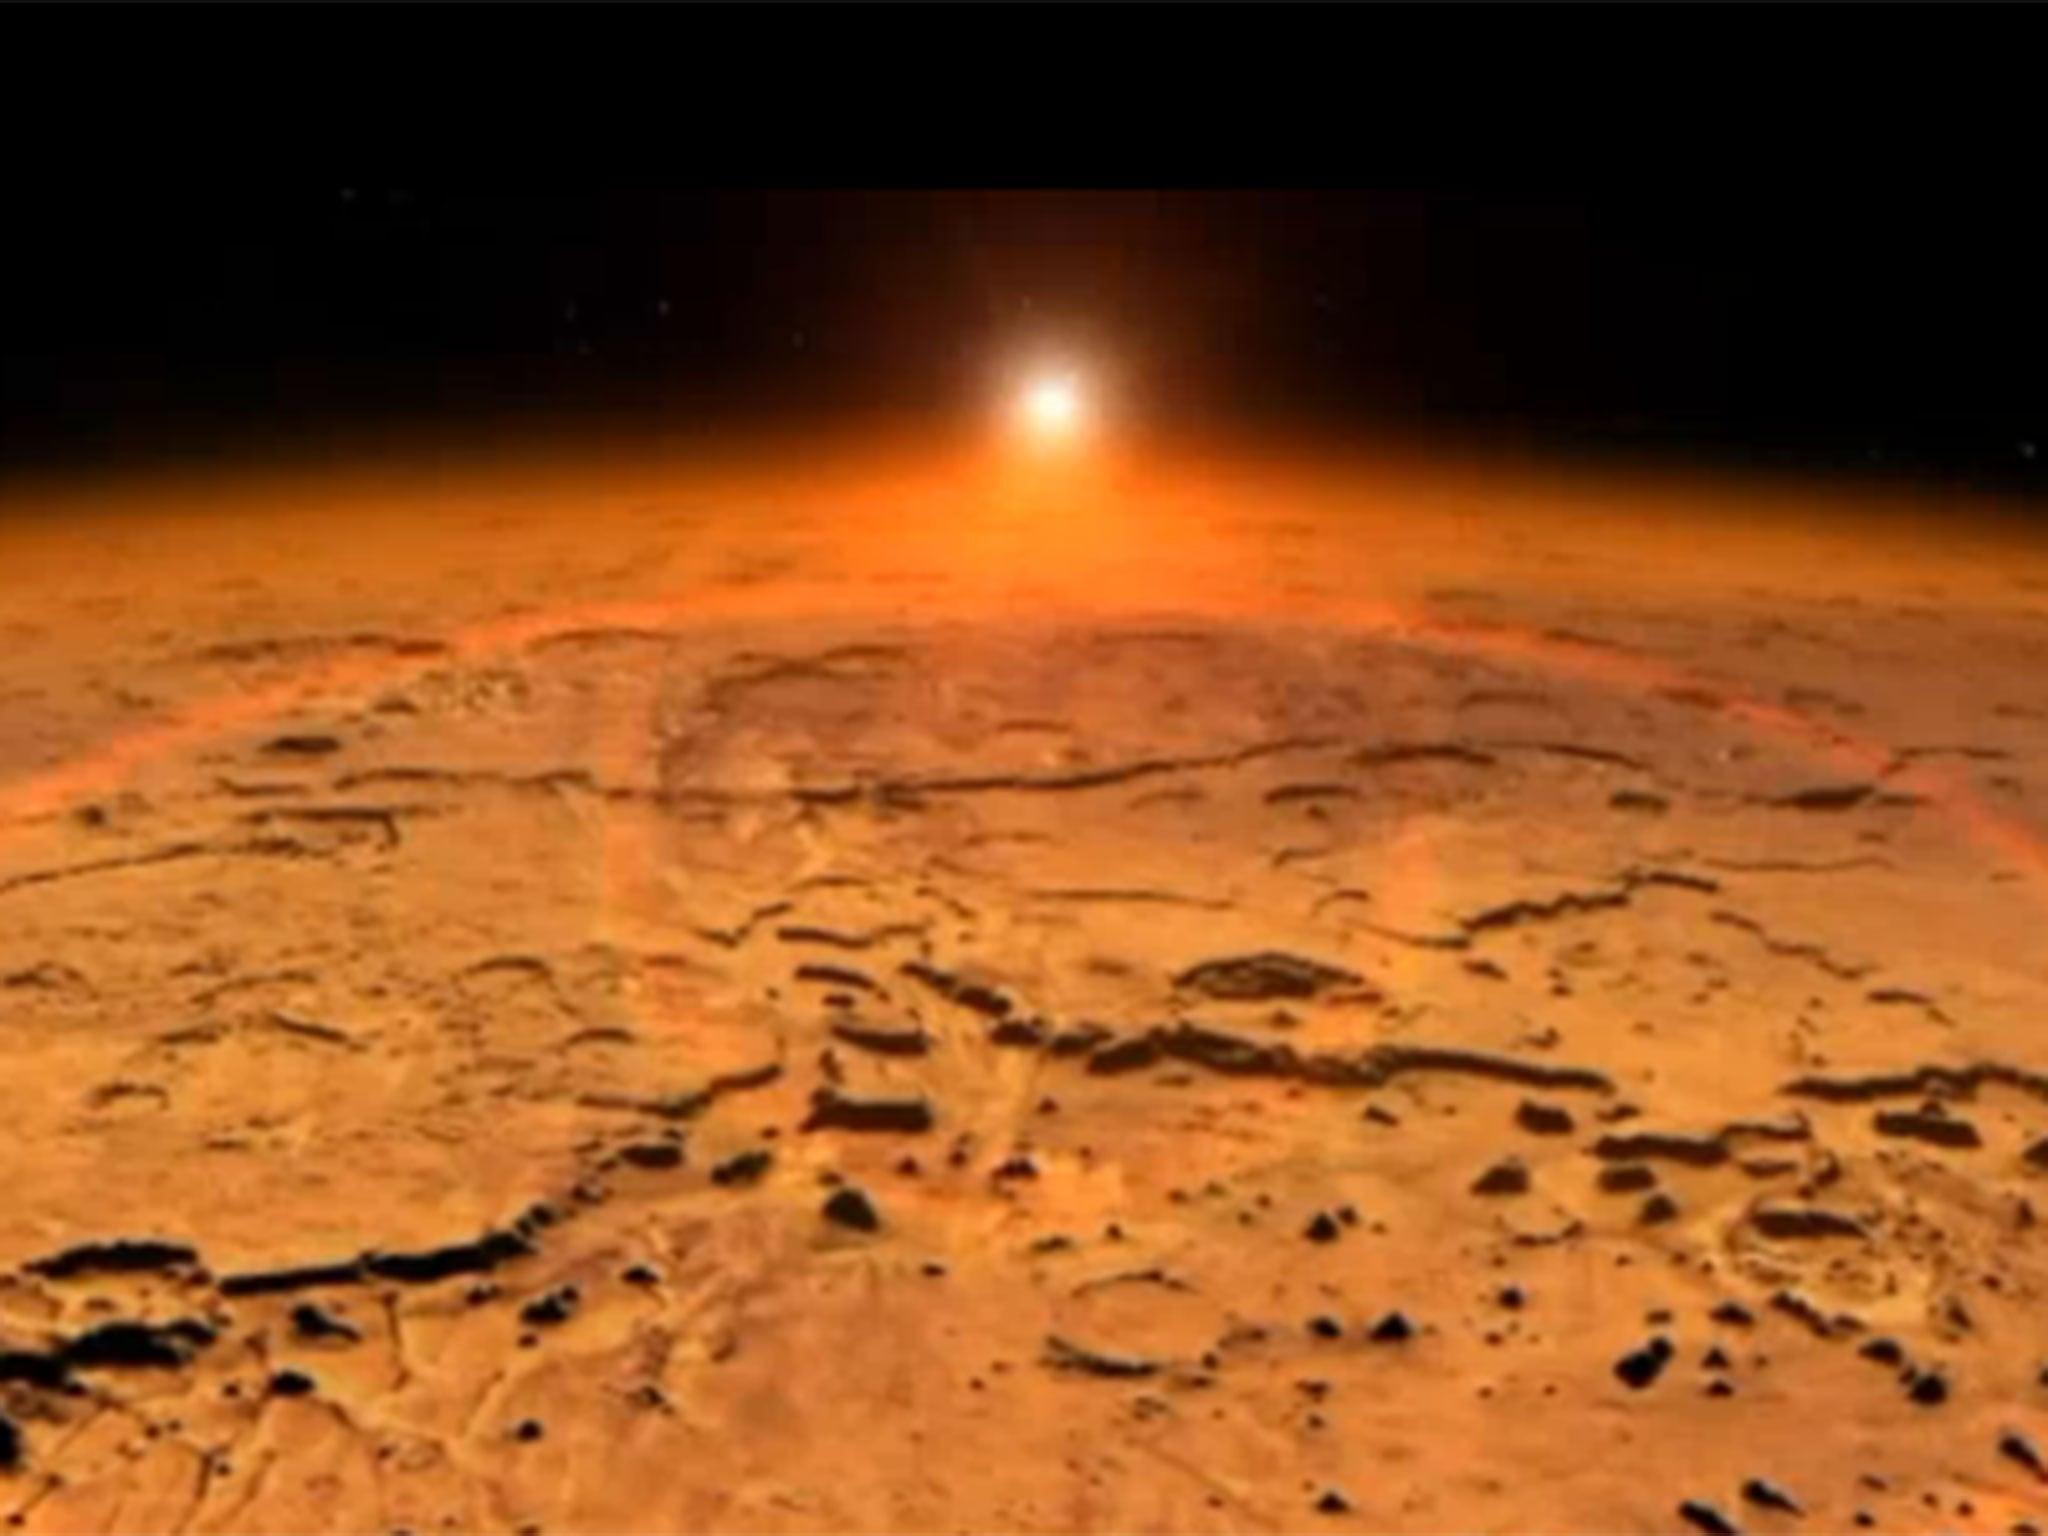 nasa images of mars - photo #31